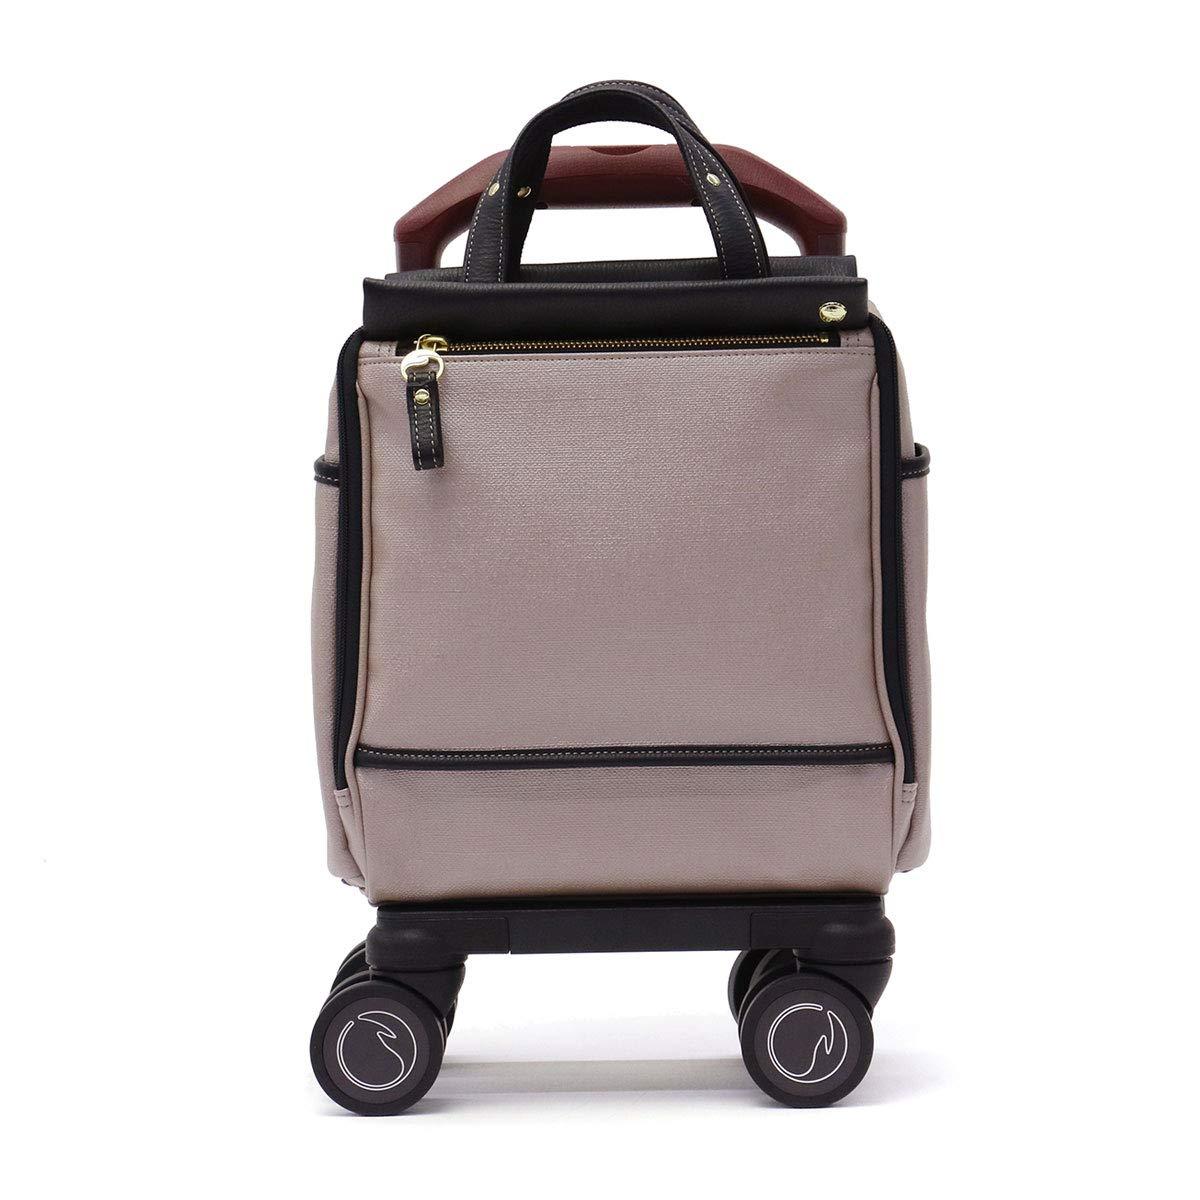 [ソエルテ] スーツケース カランド 機内持ち込み可 8L 30cm 2.0kg 55791  ベージュ B07JK89ZNK